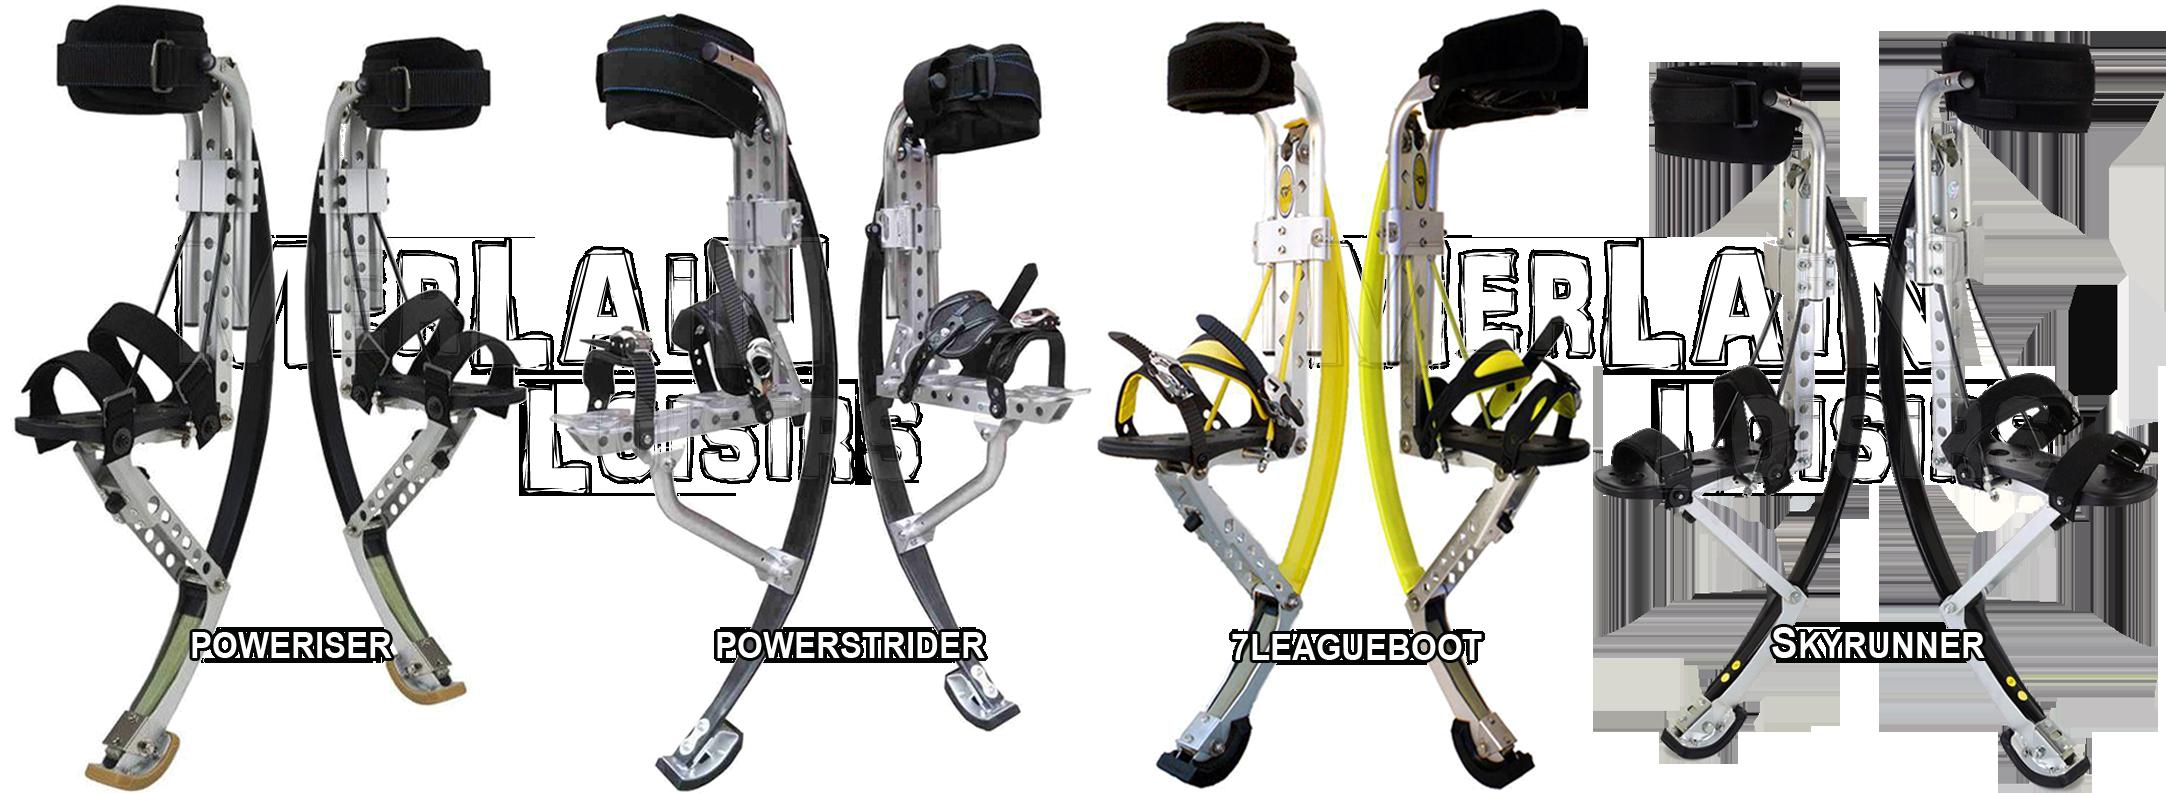 Poweriser Powerstrider 7leagueboot Skyrunner Echasses Urbaines